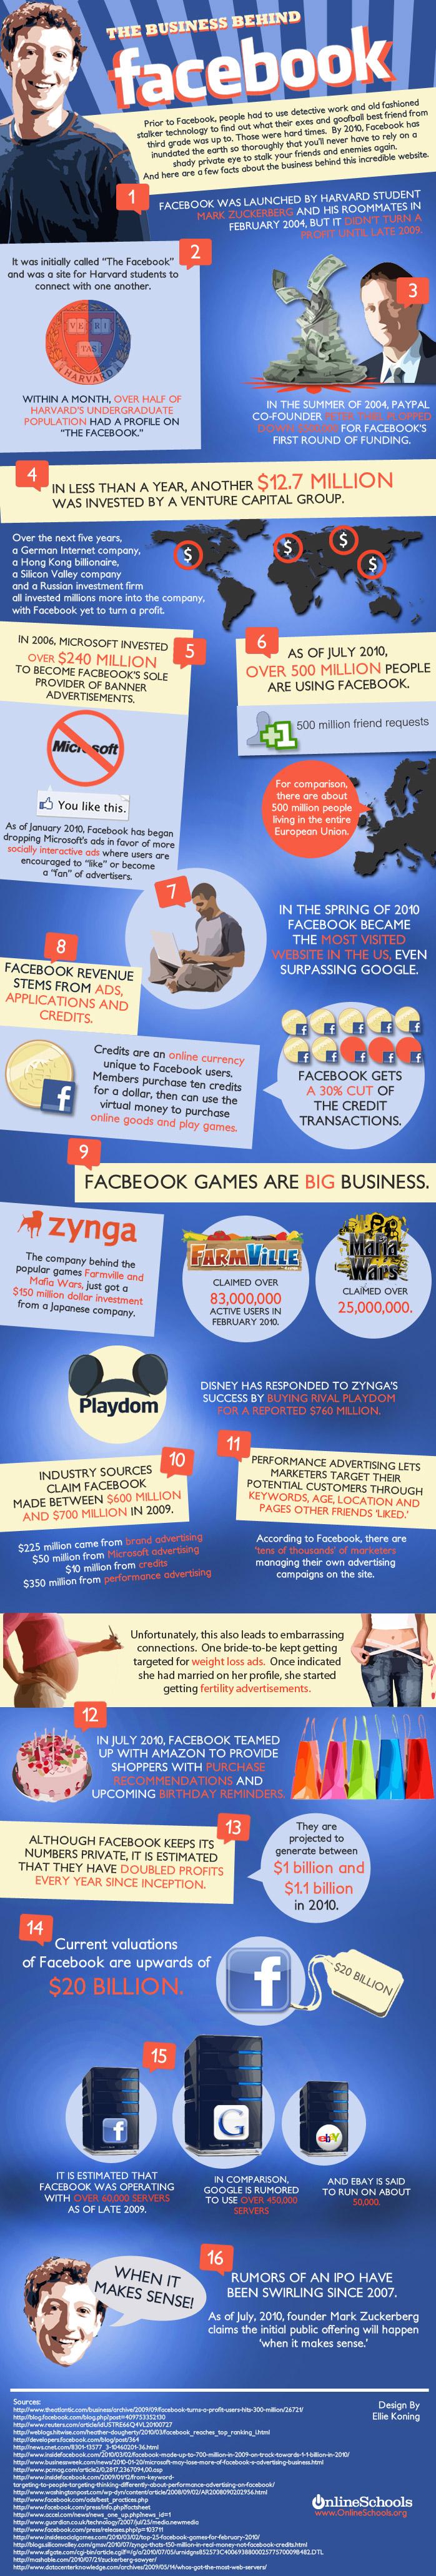 Credits, Null Blog, Infografik: The Business Behind Facebook, Die Überhitzung eines Trends… (Kurzmitteilungen 33)